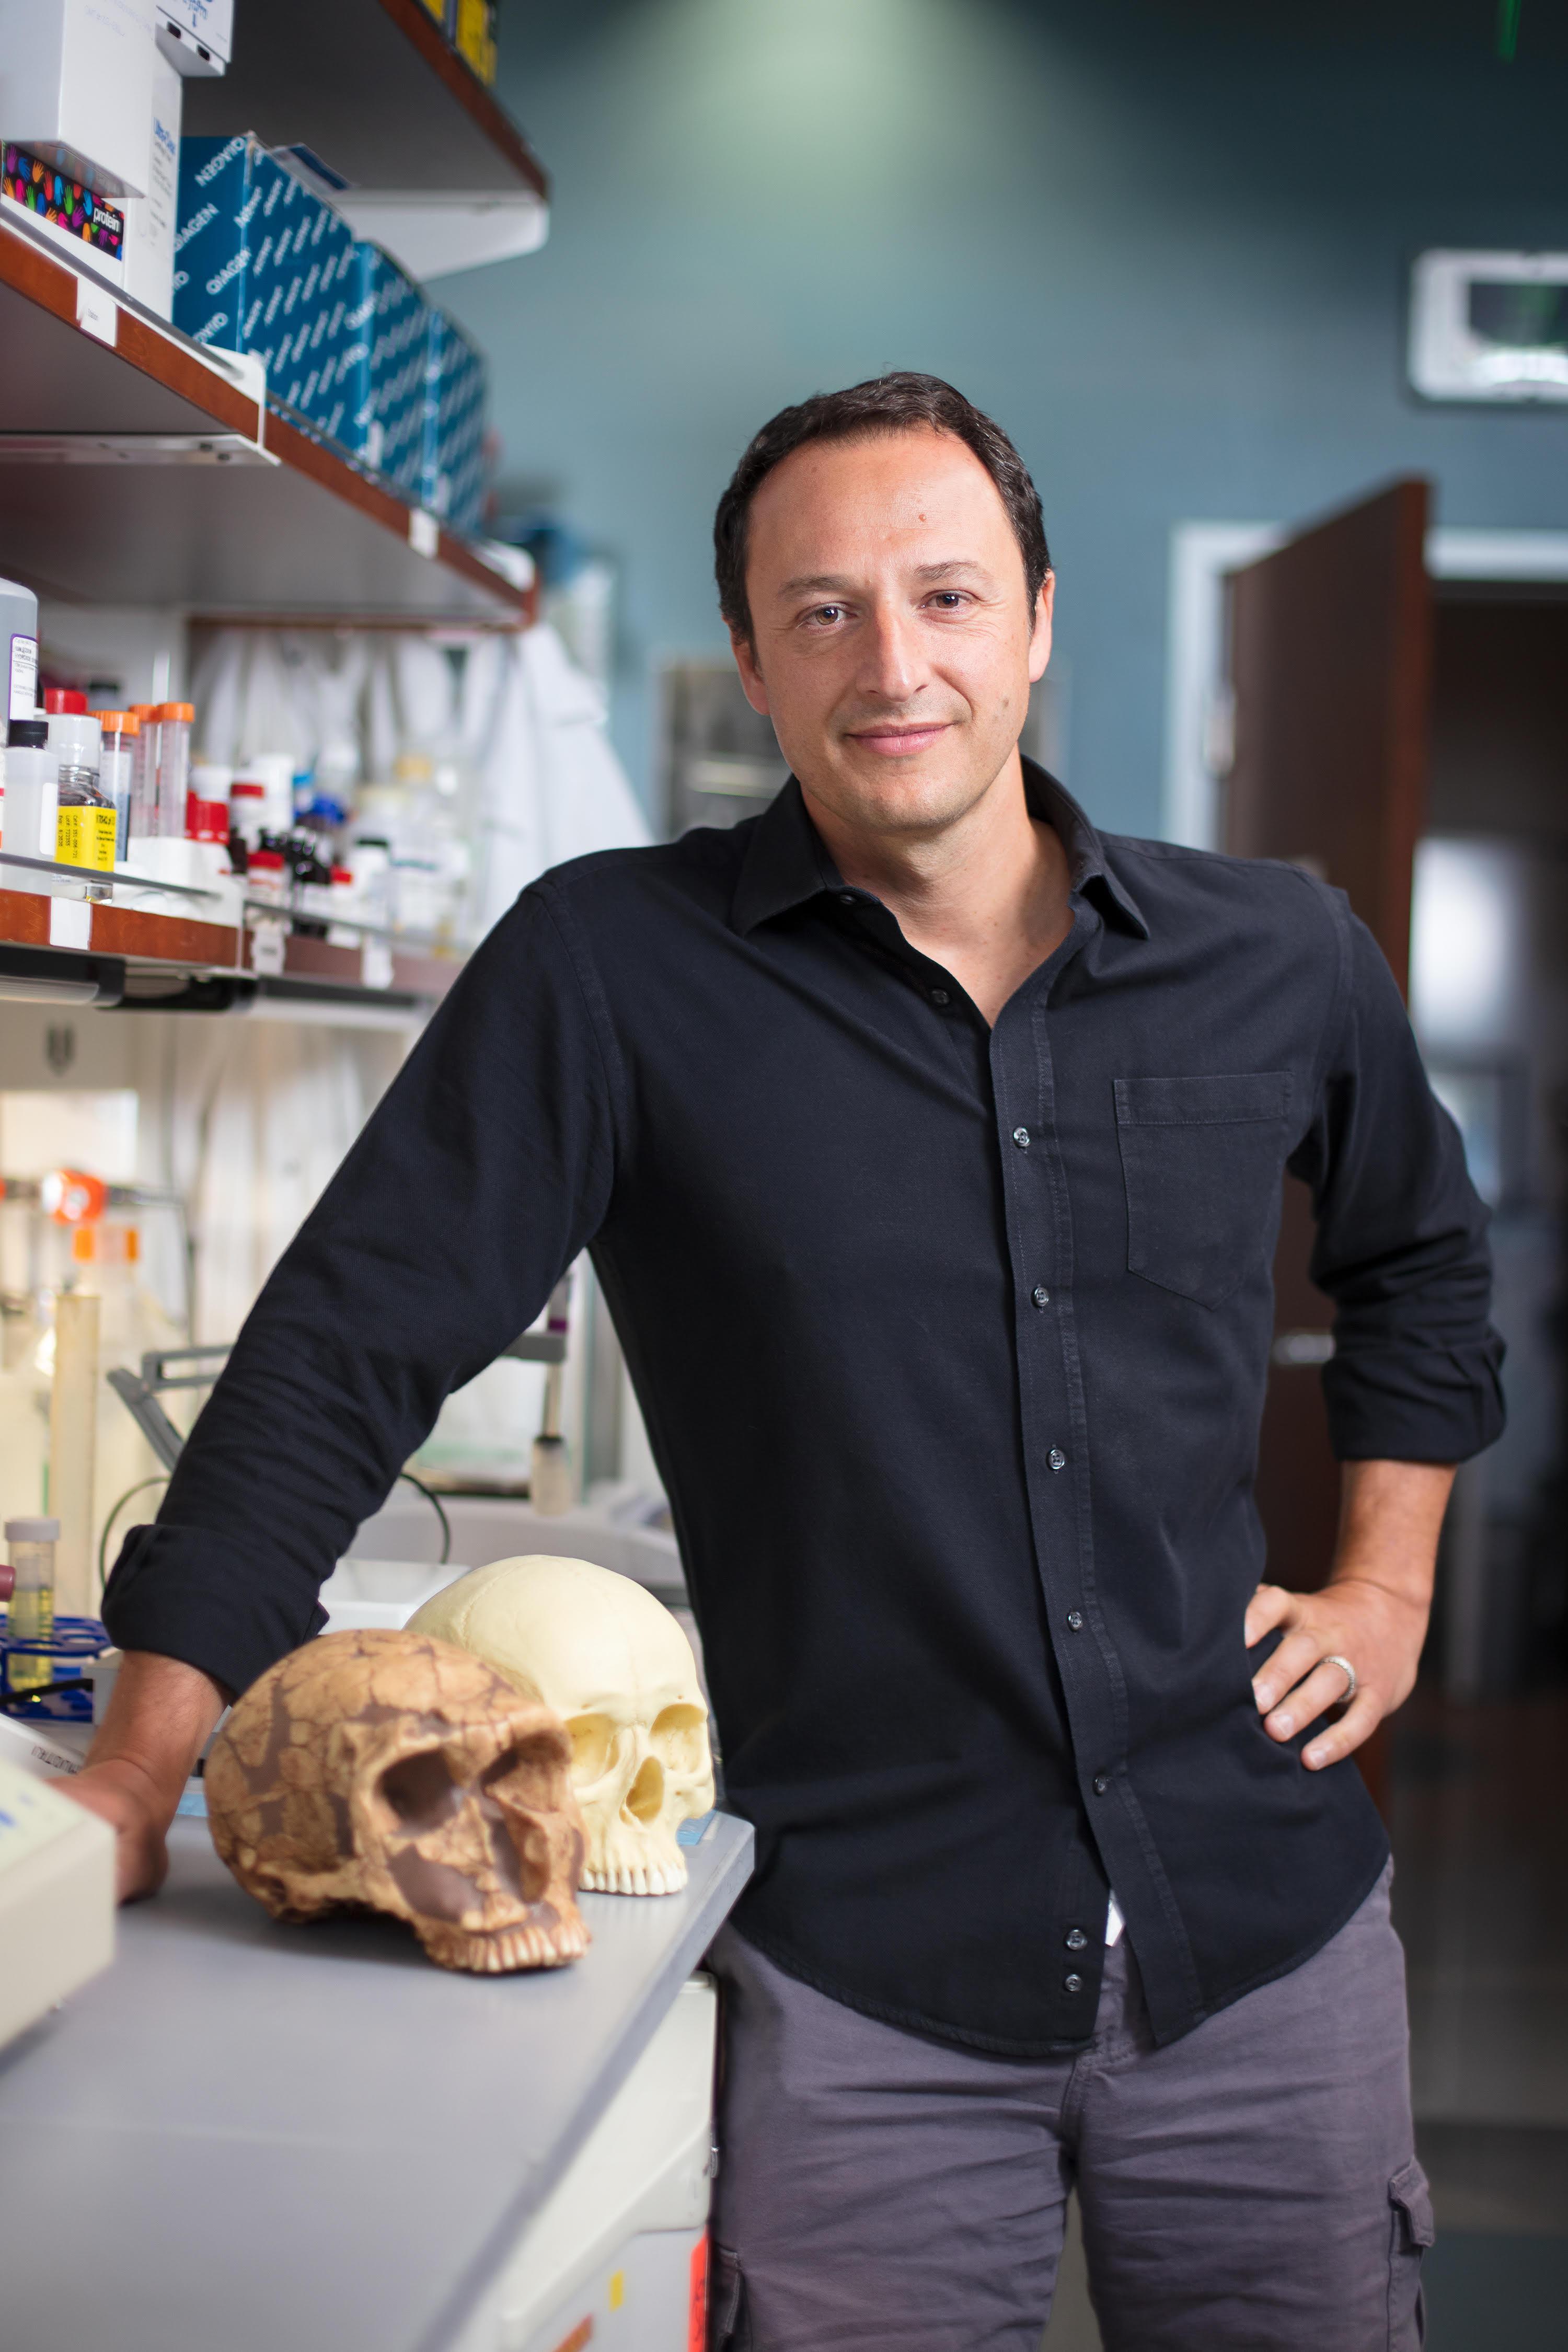 O Dr. Alysson Muotri em seu laboratório na Universidade da Califórnia, em San Diego